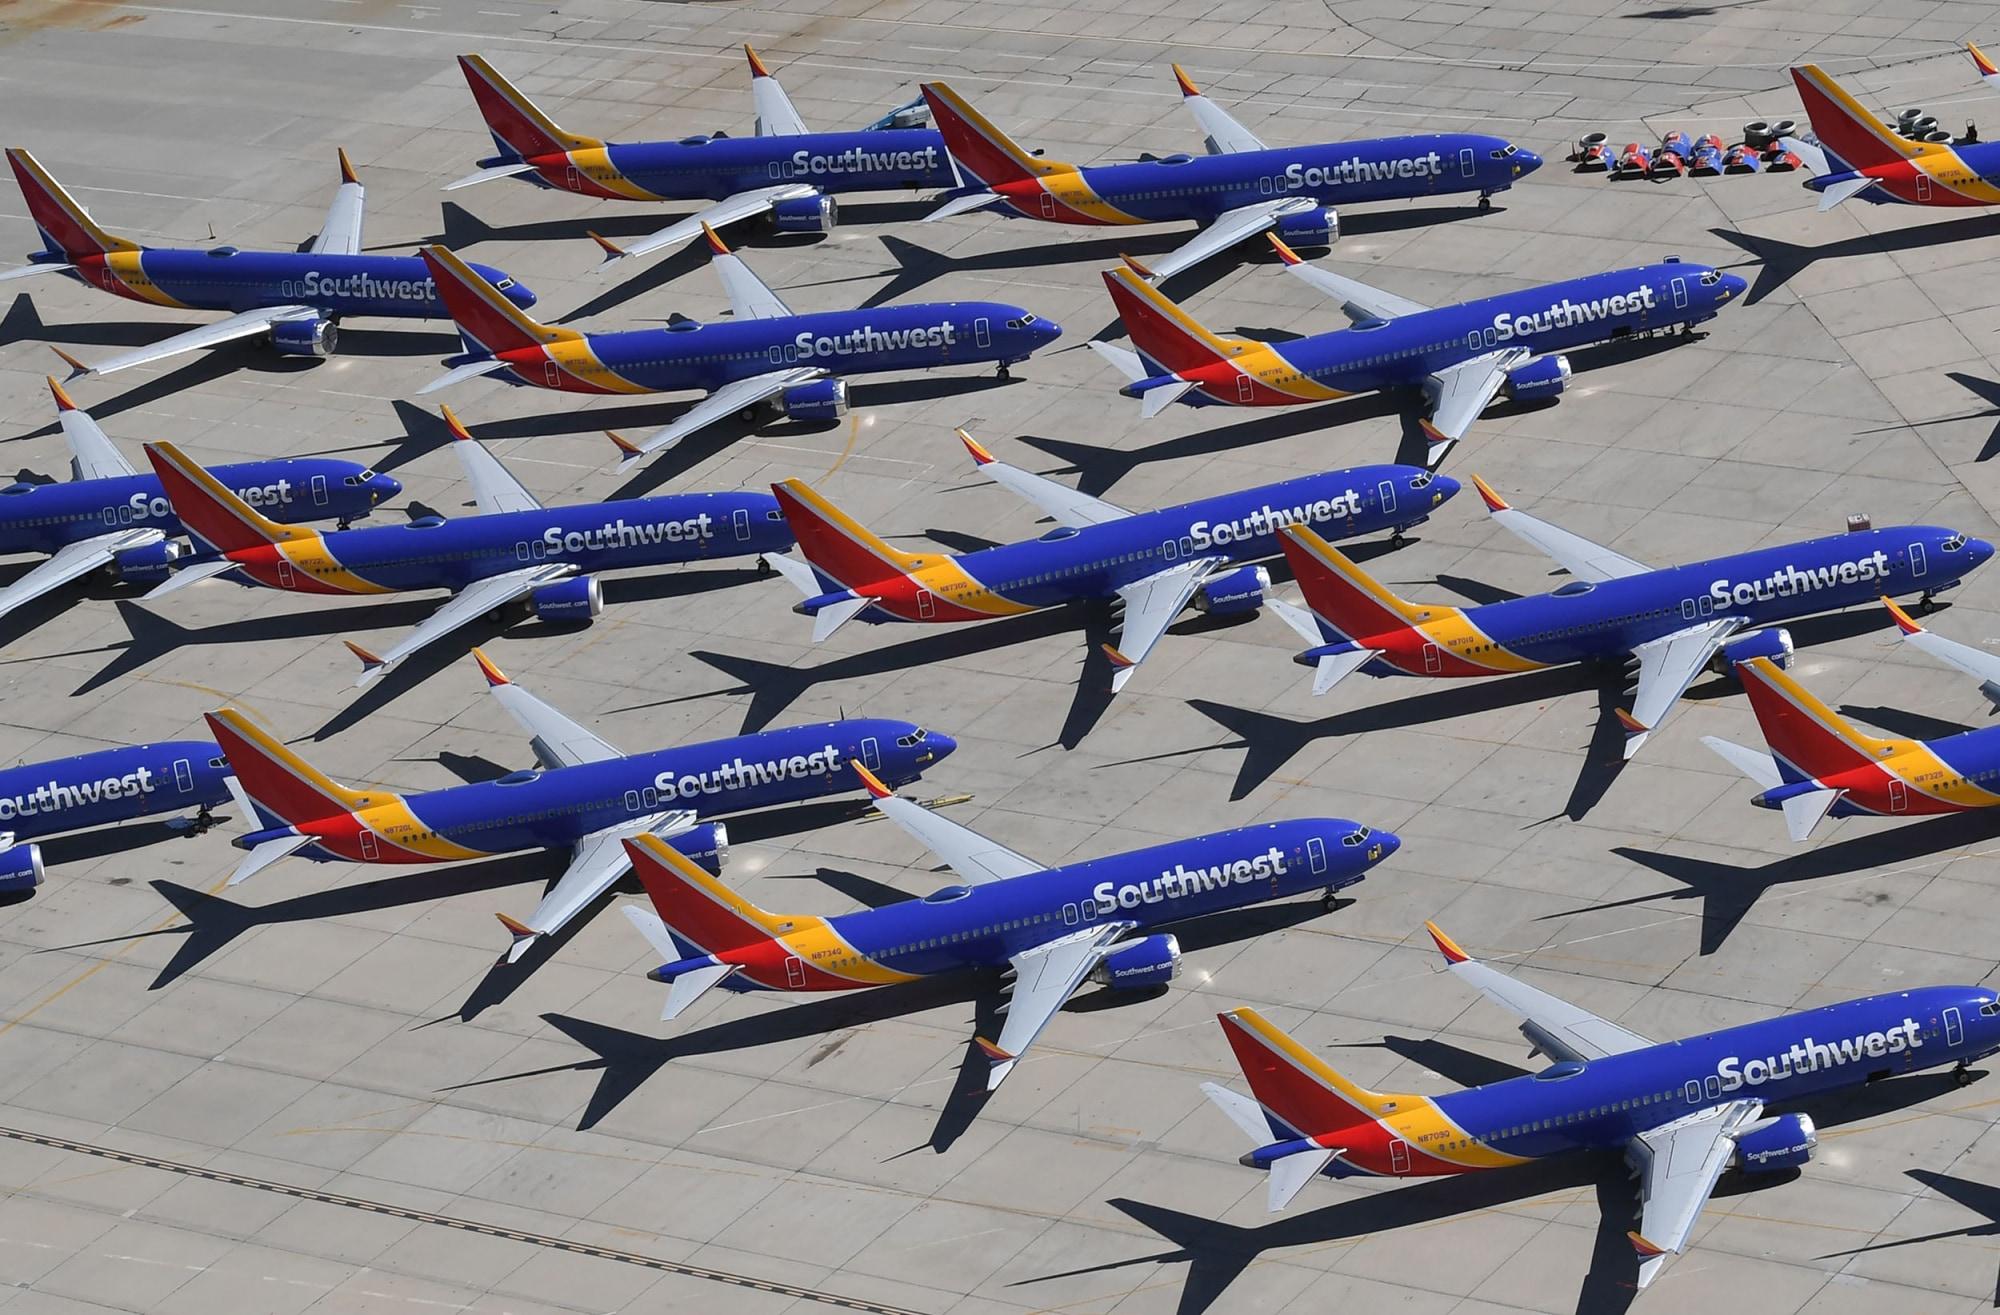 Boeing 737 MAX parcheggiati dopo la mesa a terra Credits: nbcnews.com